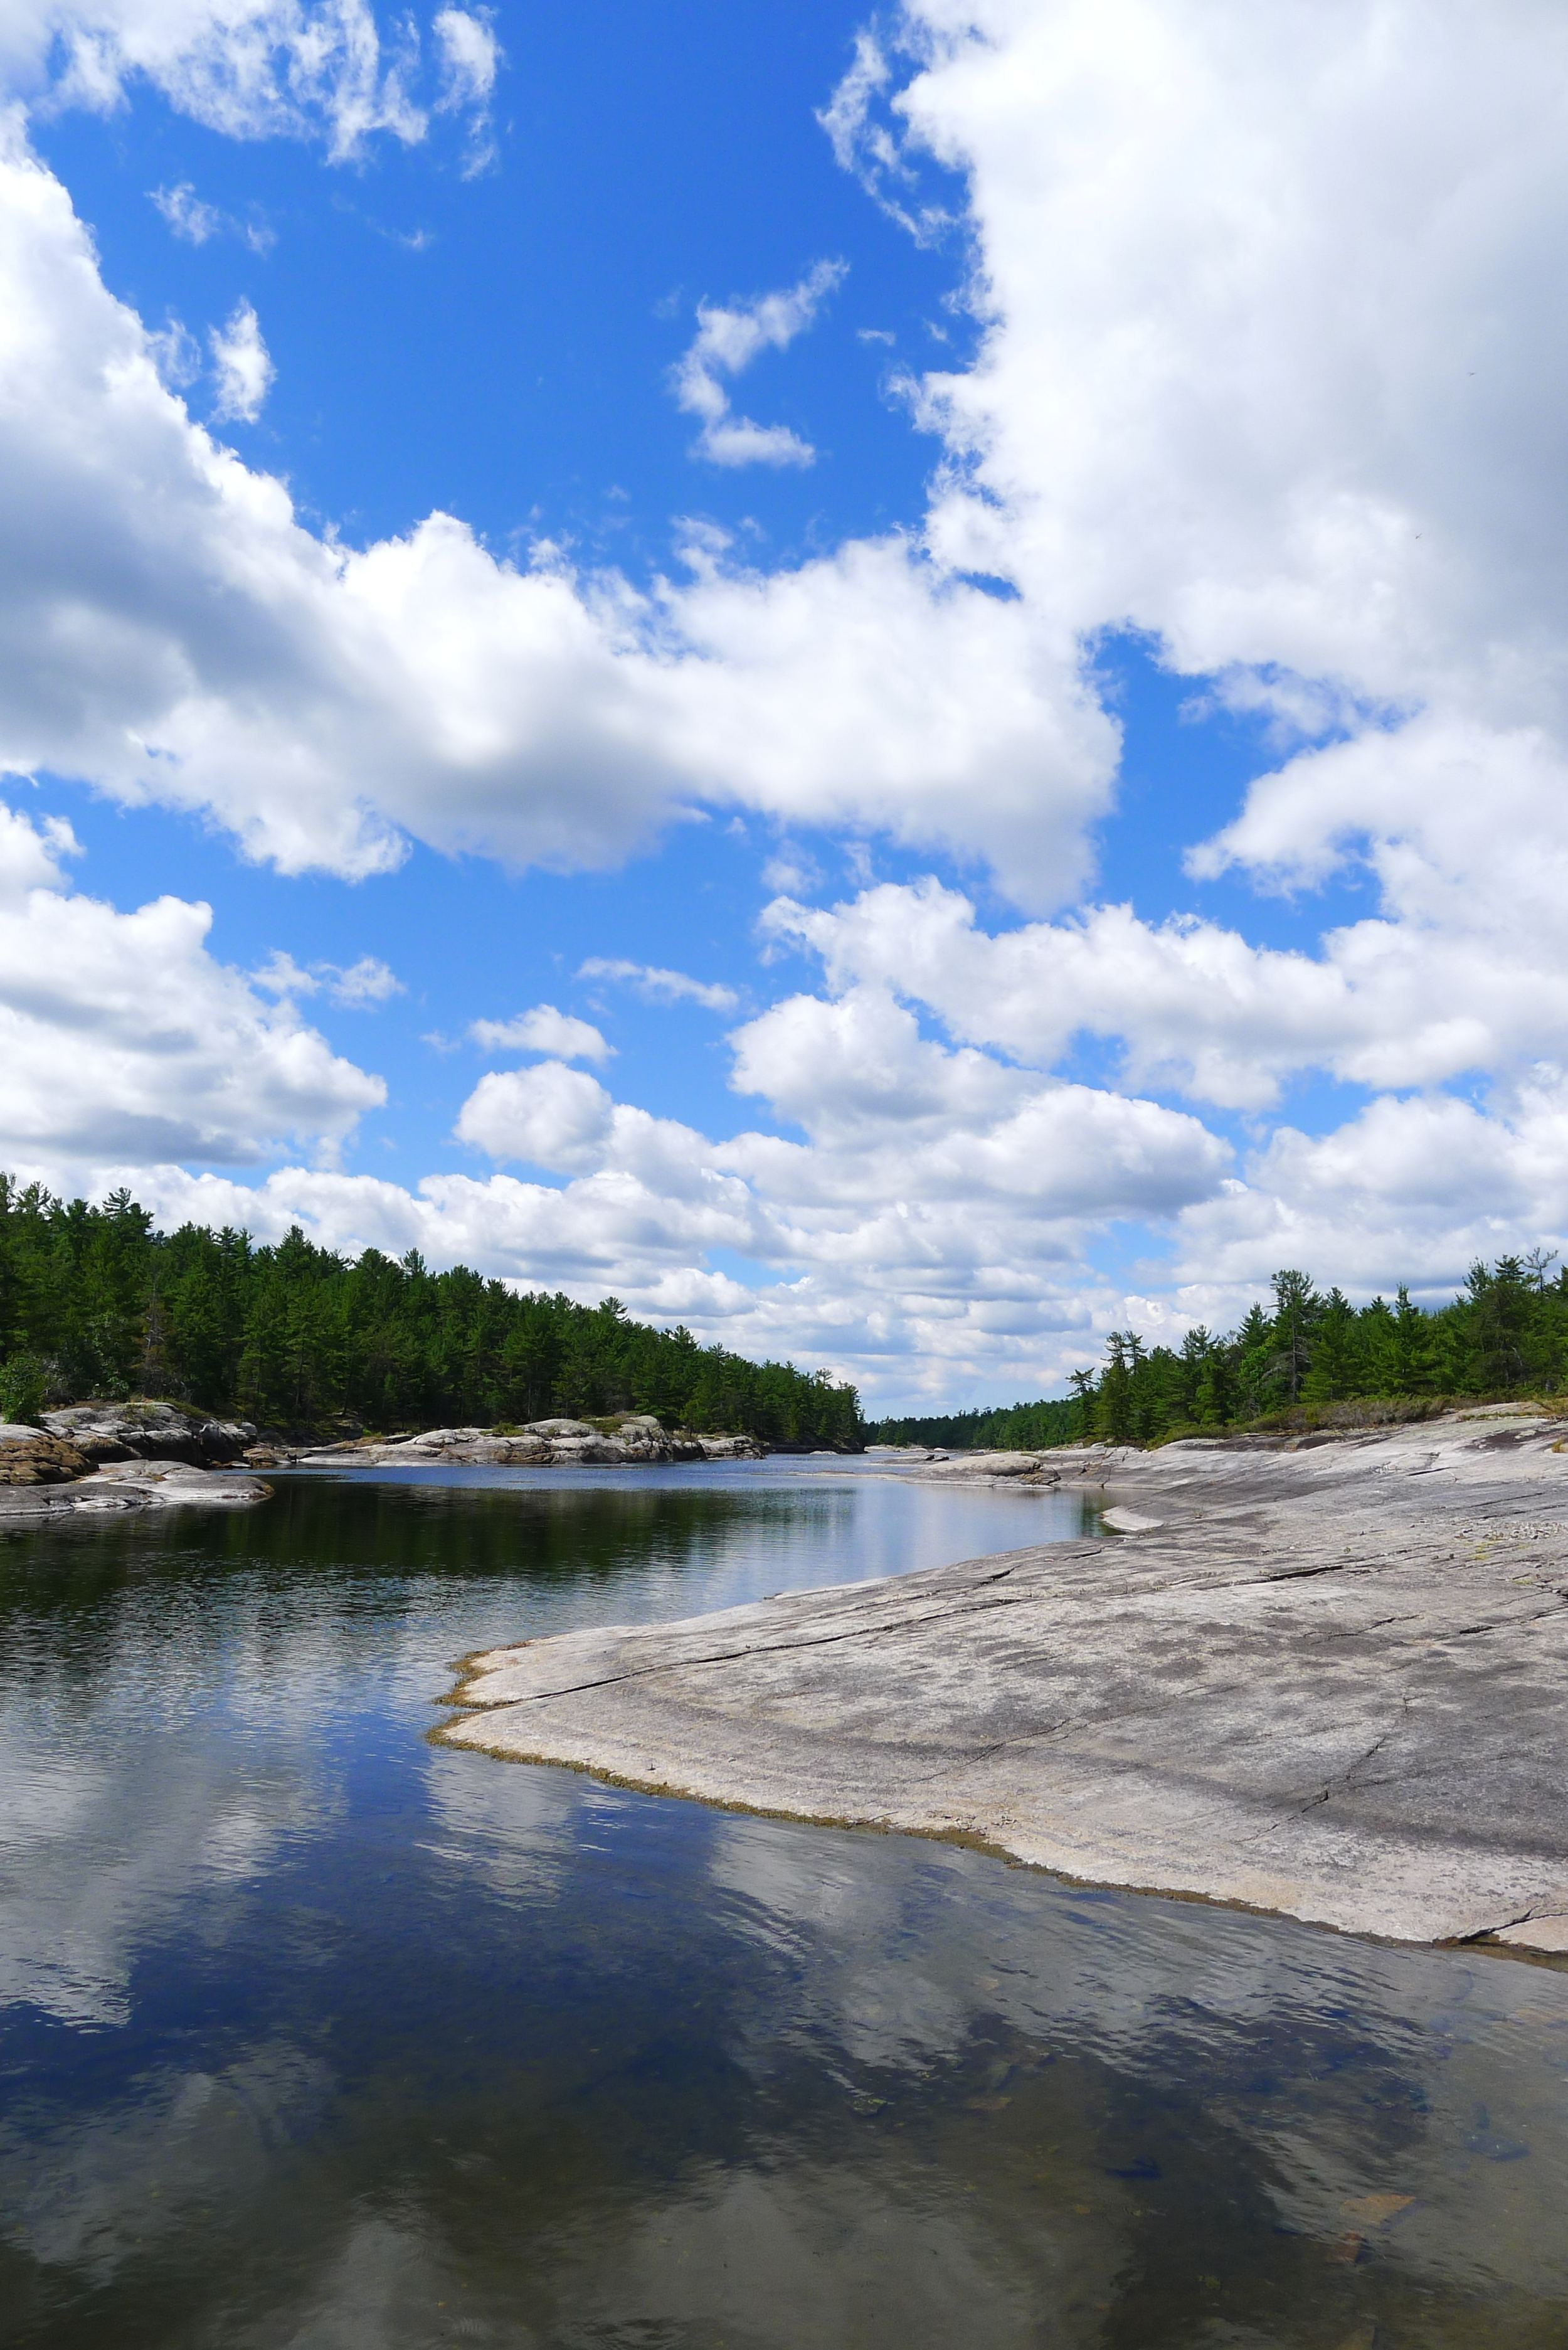 Kayaking, hiking and amazing landscapes